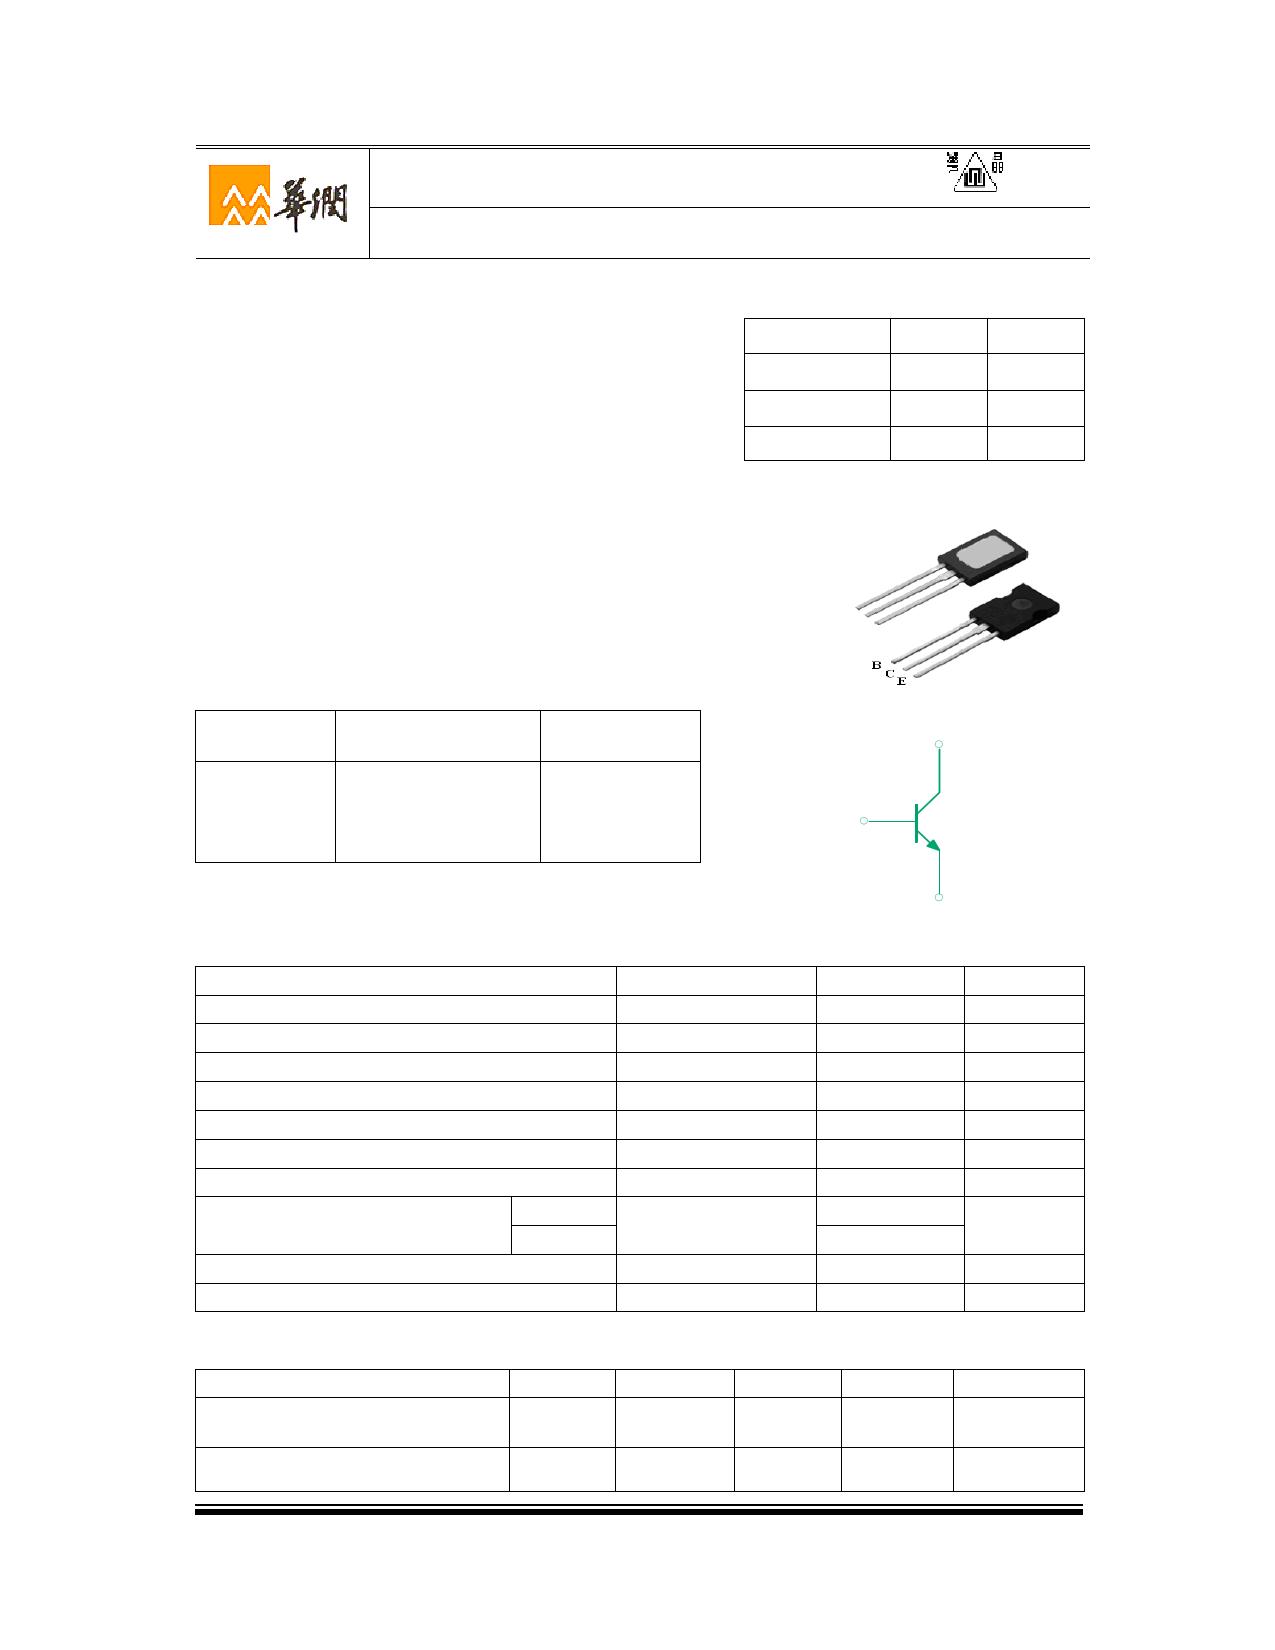 3DD13005B5 Datasheet, 3DD13005B5 PDF,ピン配置, 機能